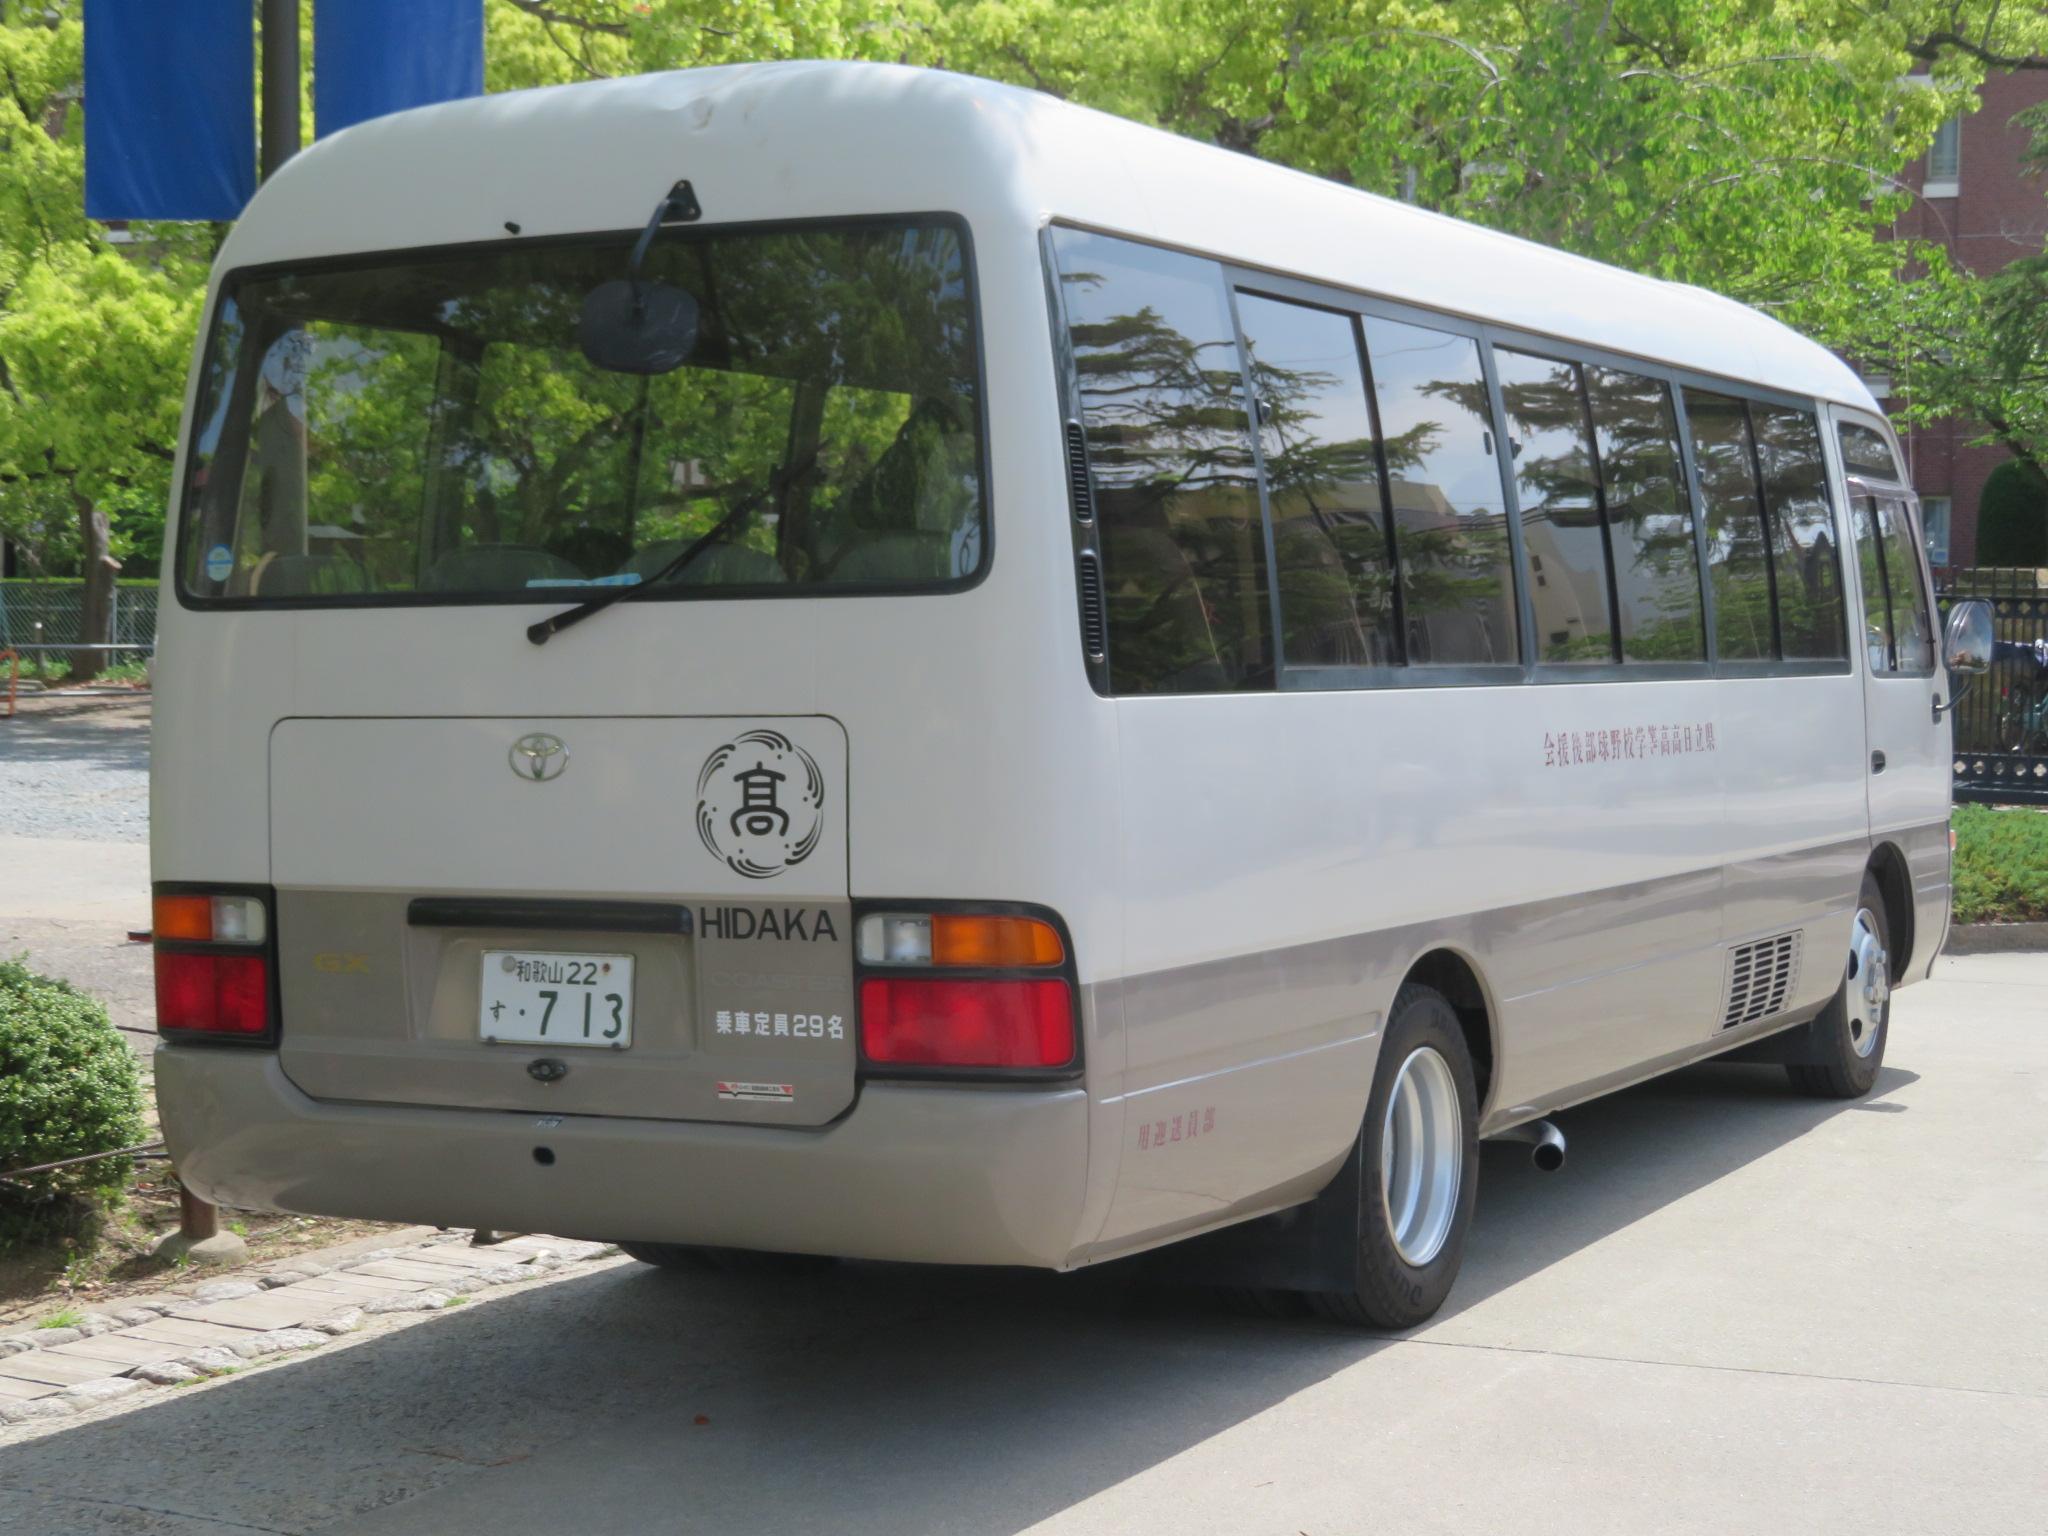 和歌山から2時間半かけて野球部のバスで来てくださいました